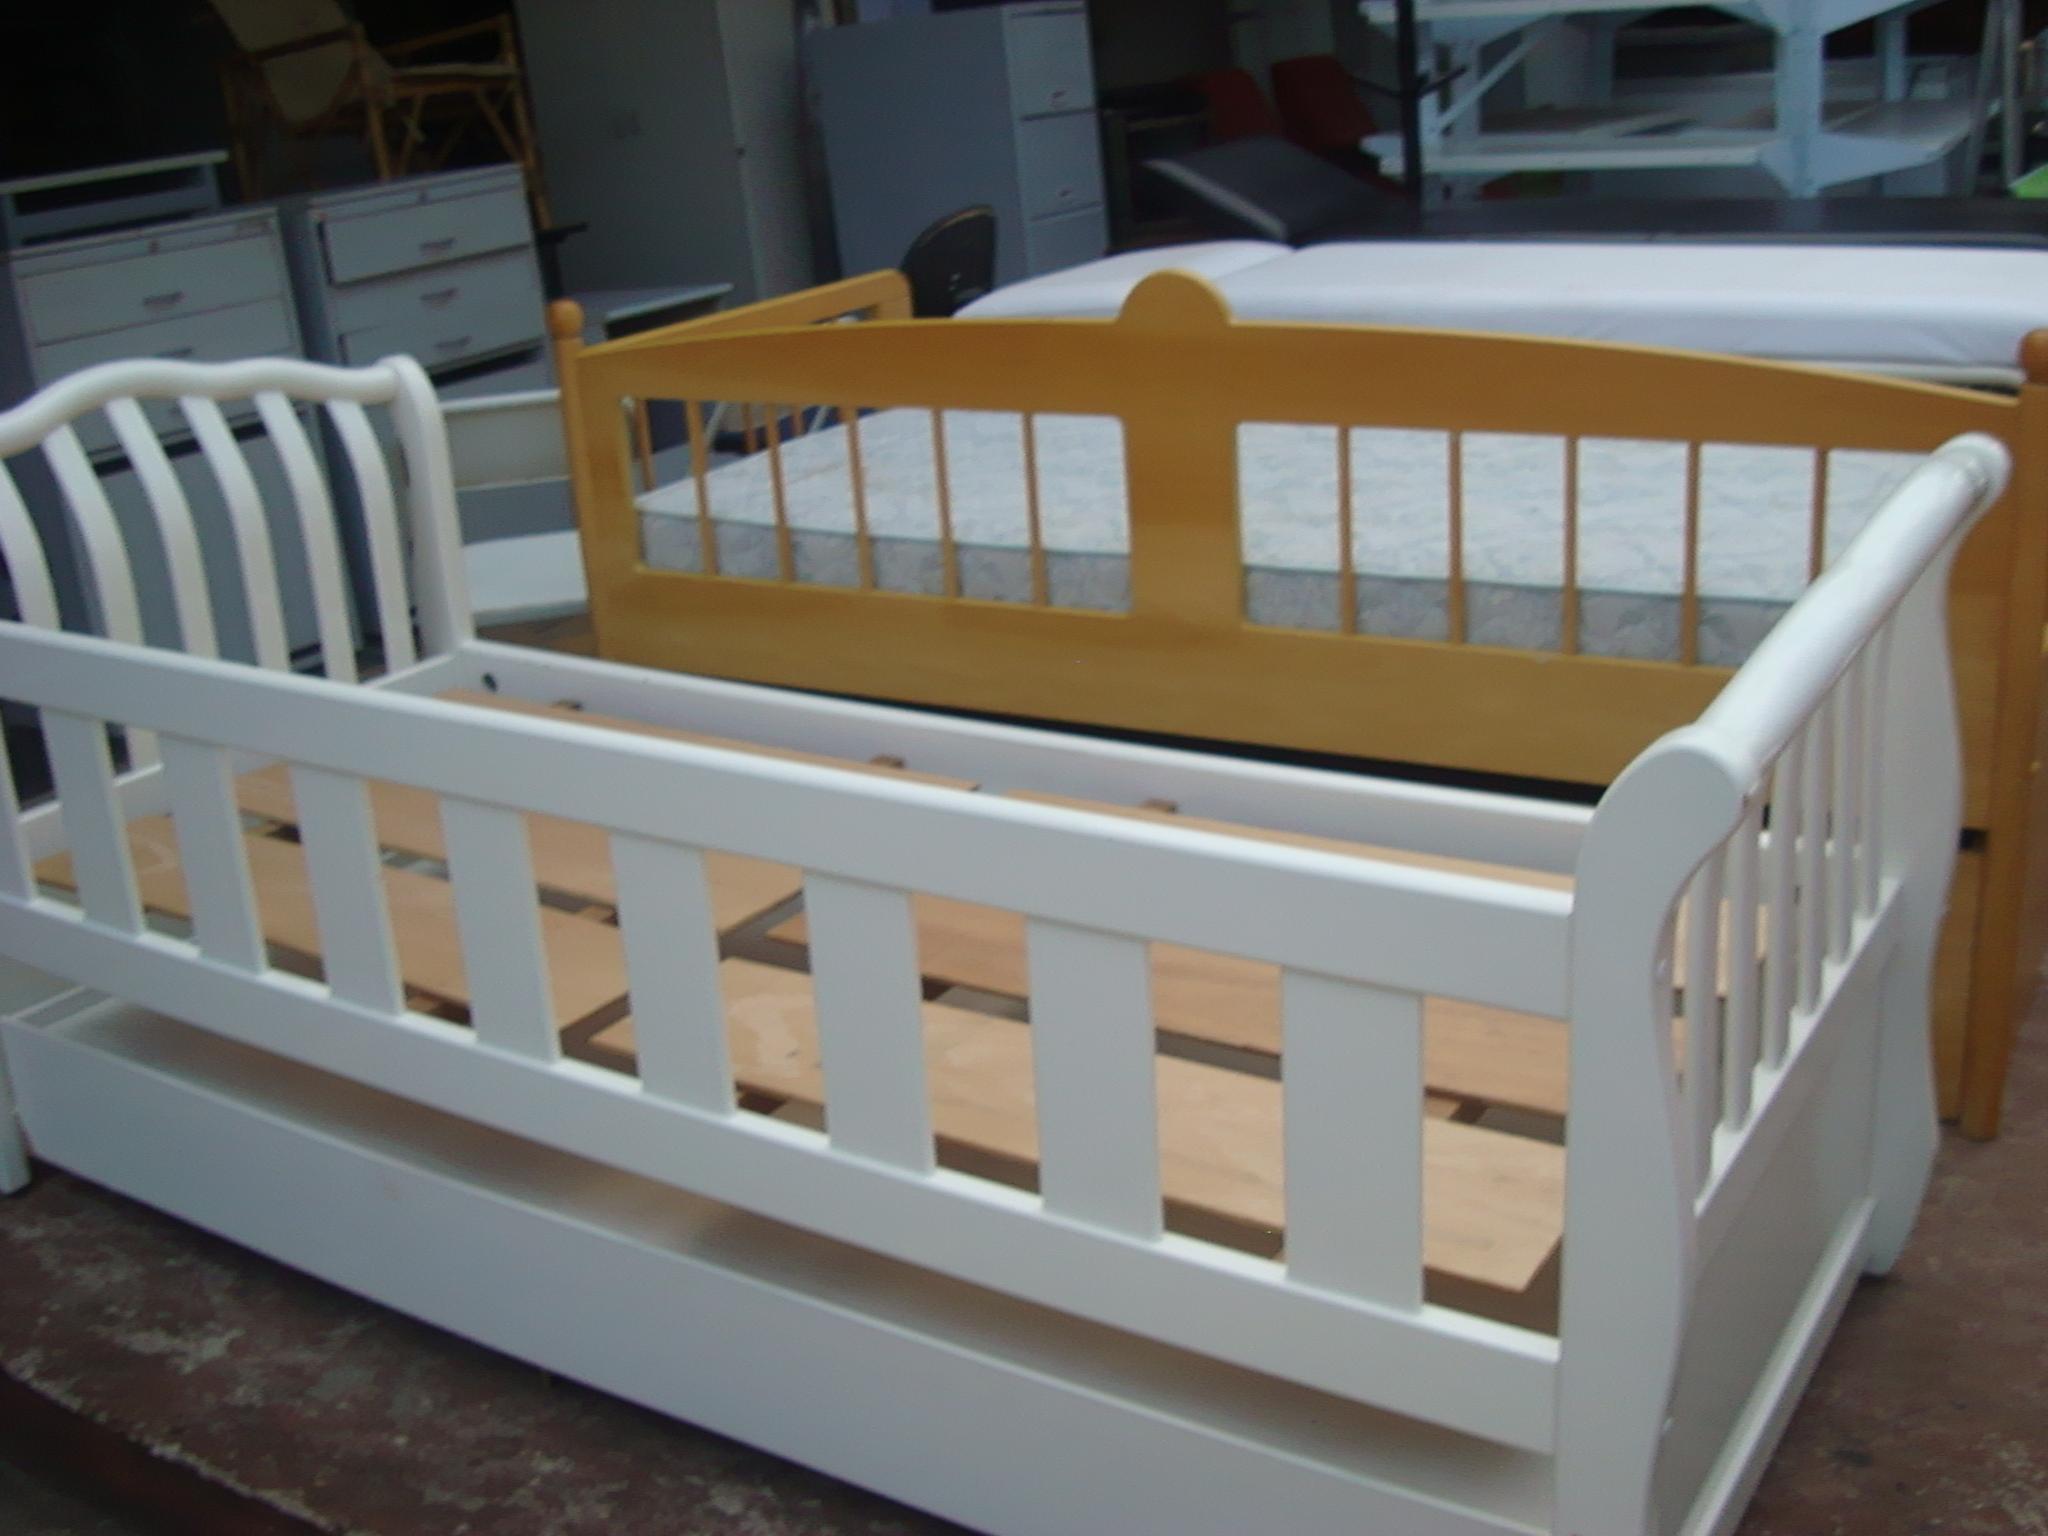 sofa cama usados distrito federal foster leather gigante dos mÓveis taguatinga